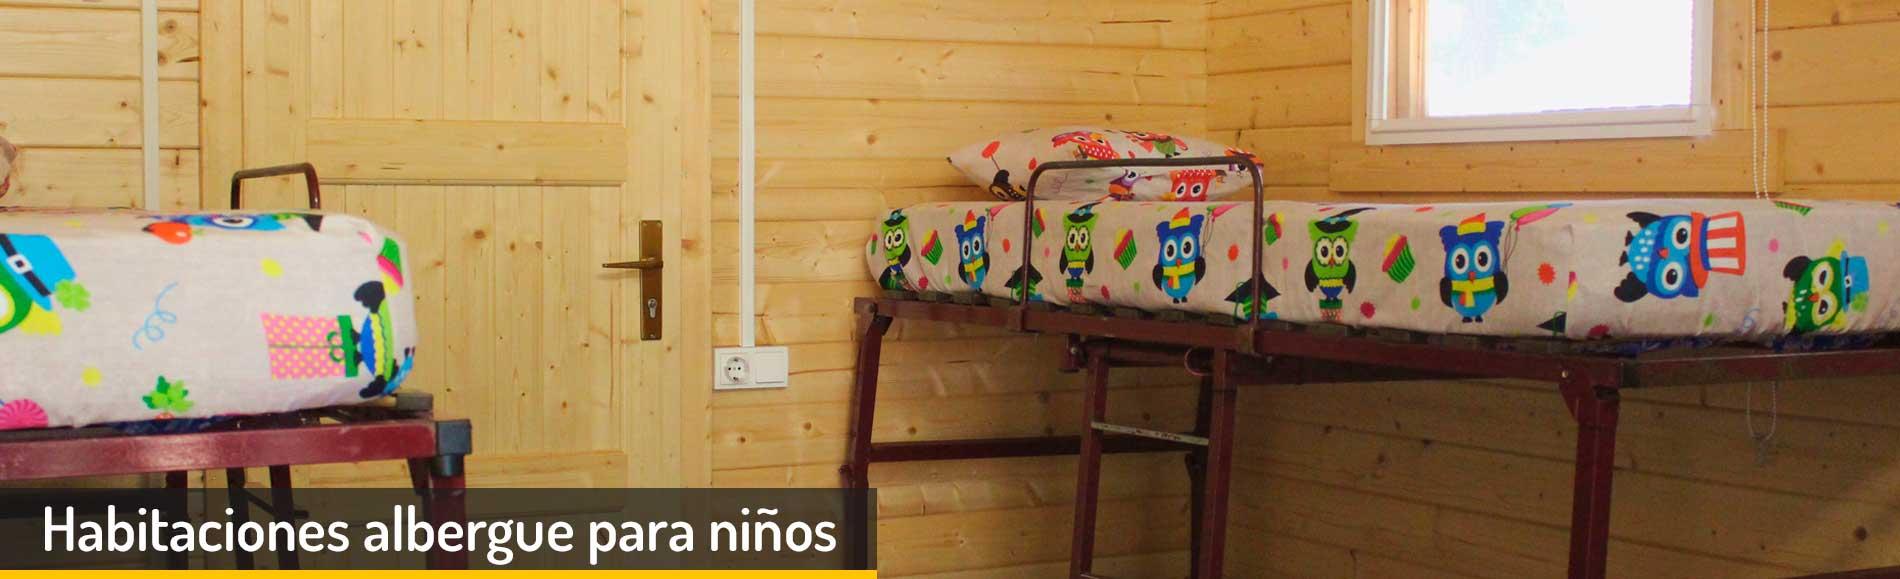 habitaciones-albergue-3